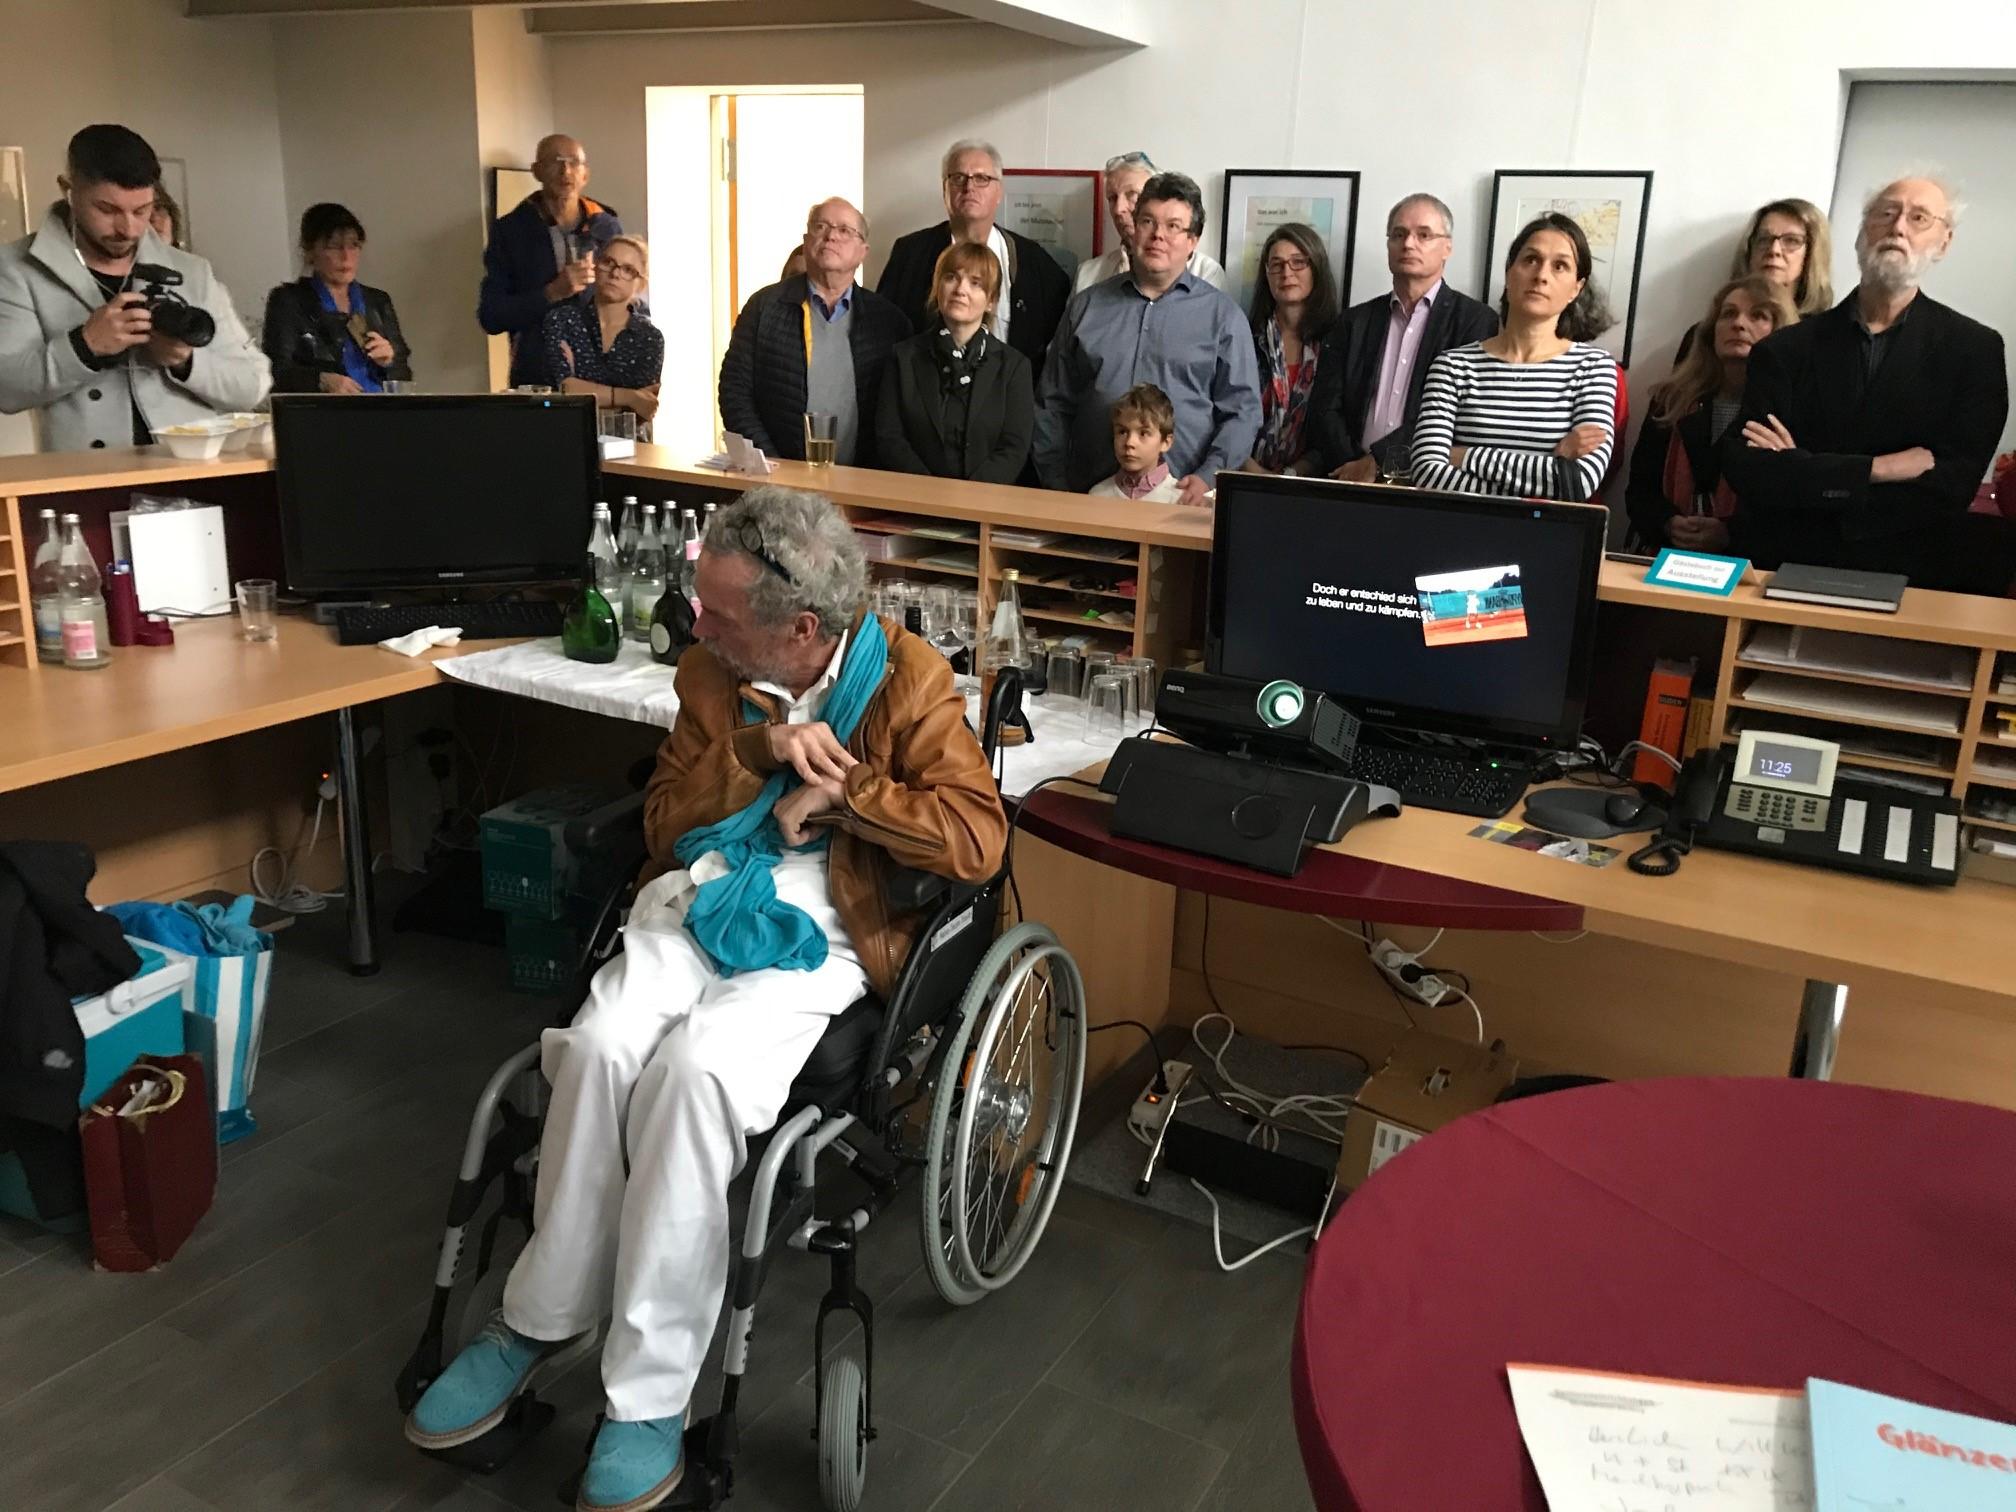 Der Mutmacher - Jochen Dolata - Kunst trifft Steuer XXIX - Matinee am 17.11.2019